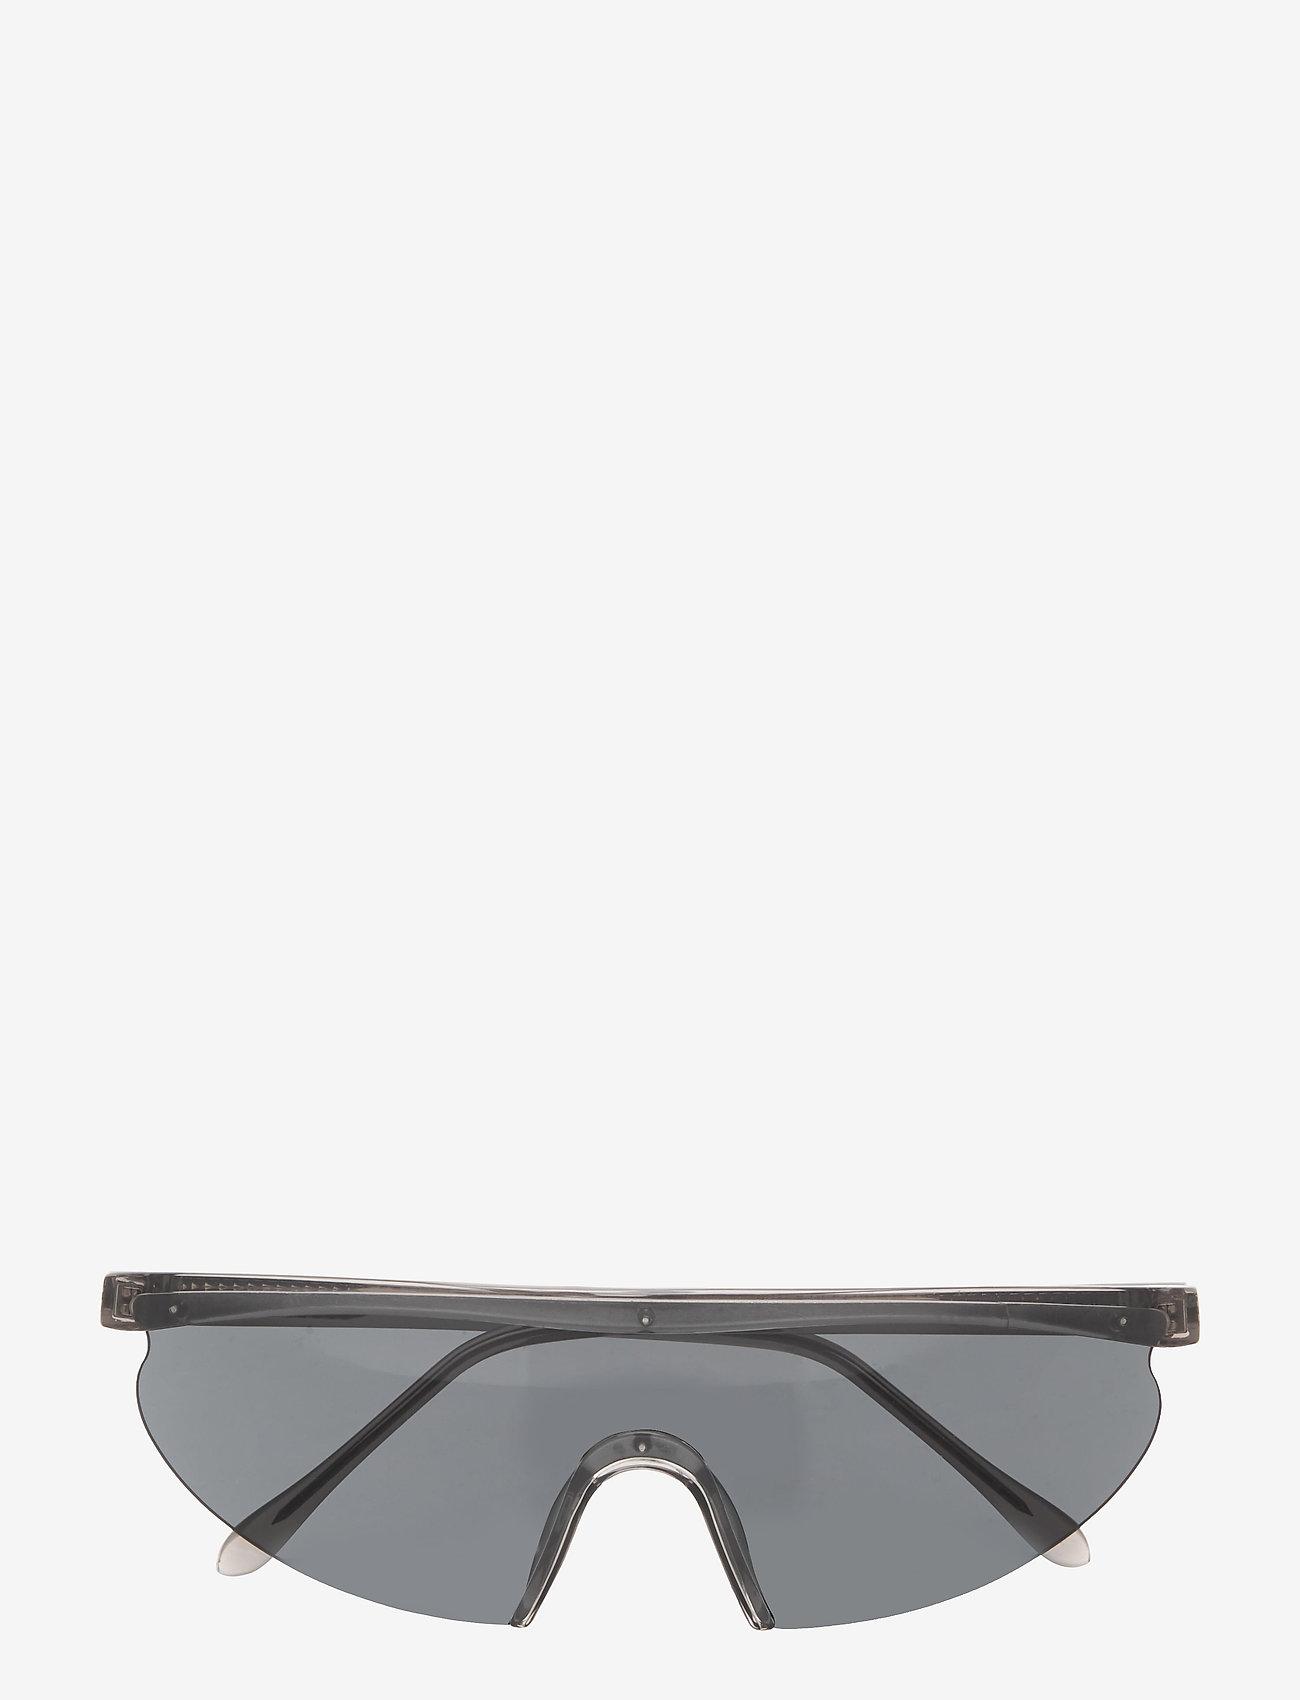 A.Kjærbede - Move2 - d-shaped - grey transparent - 1